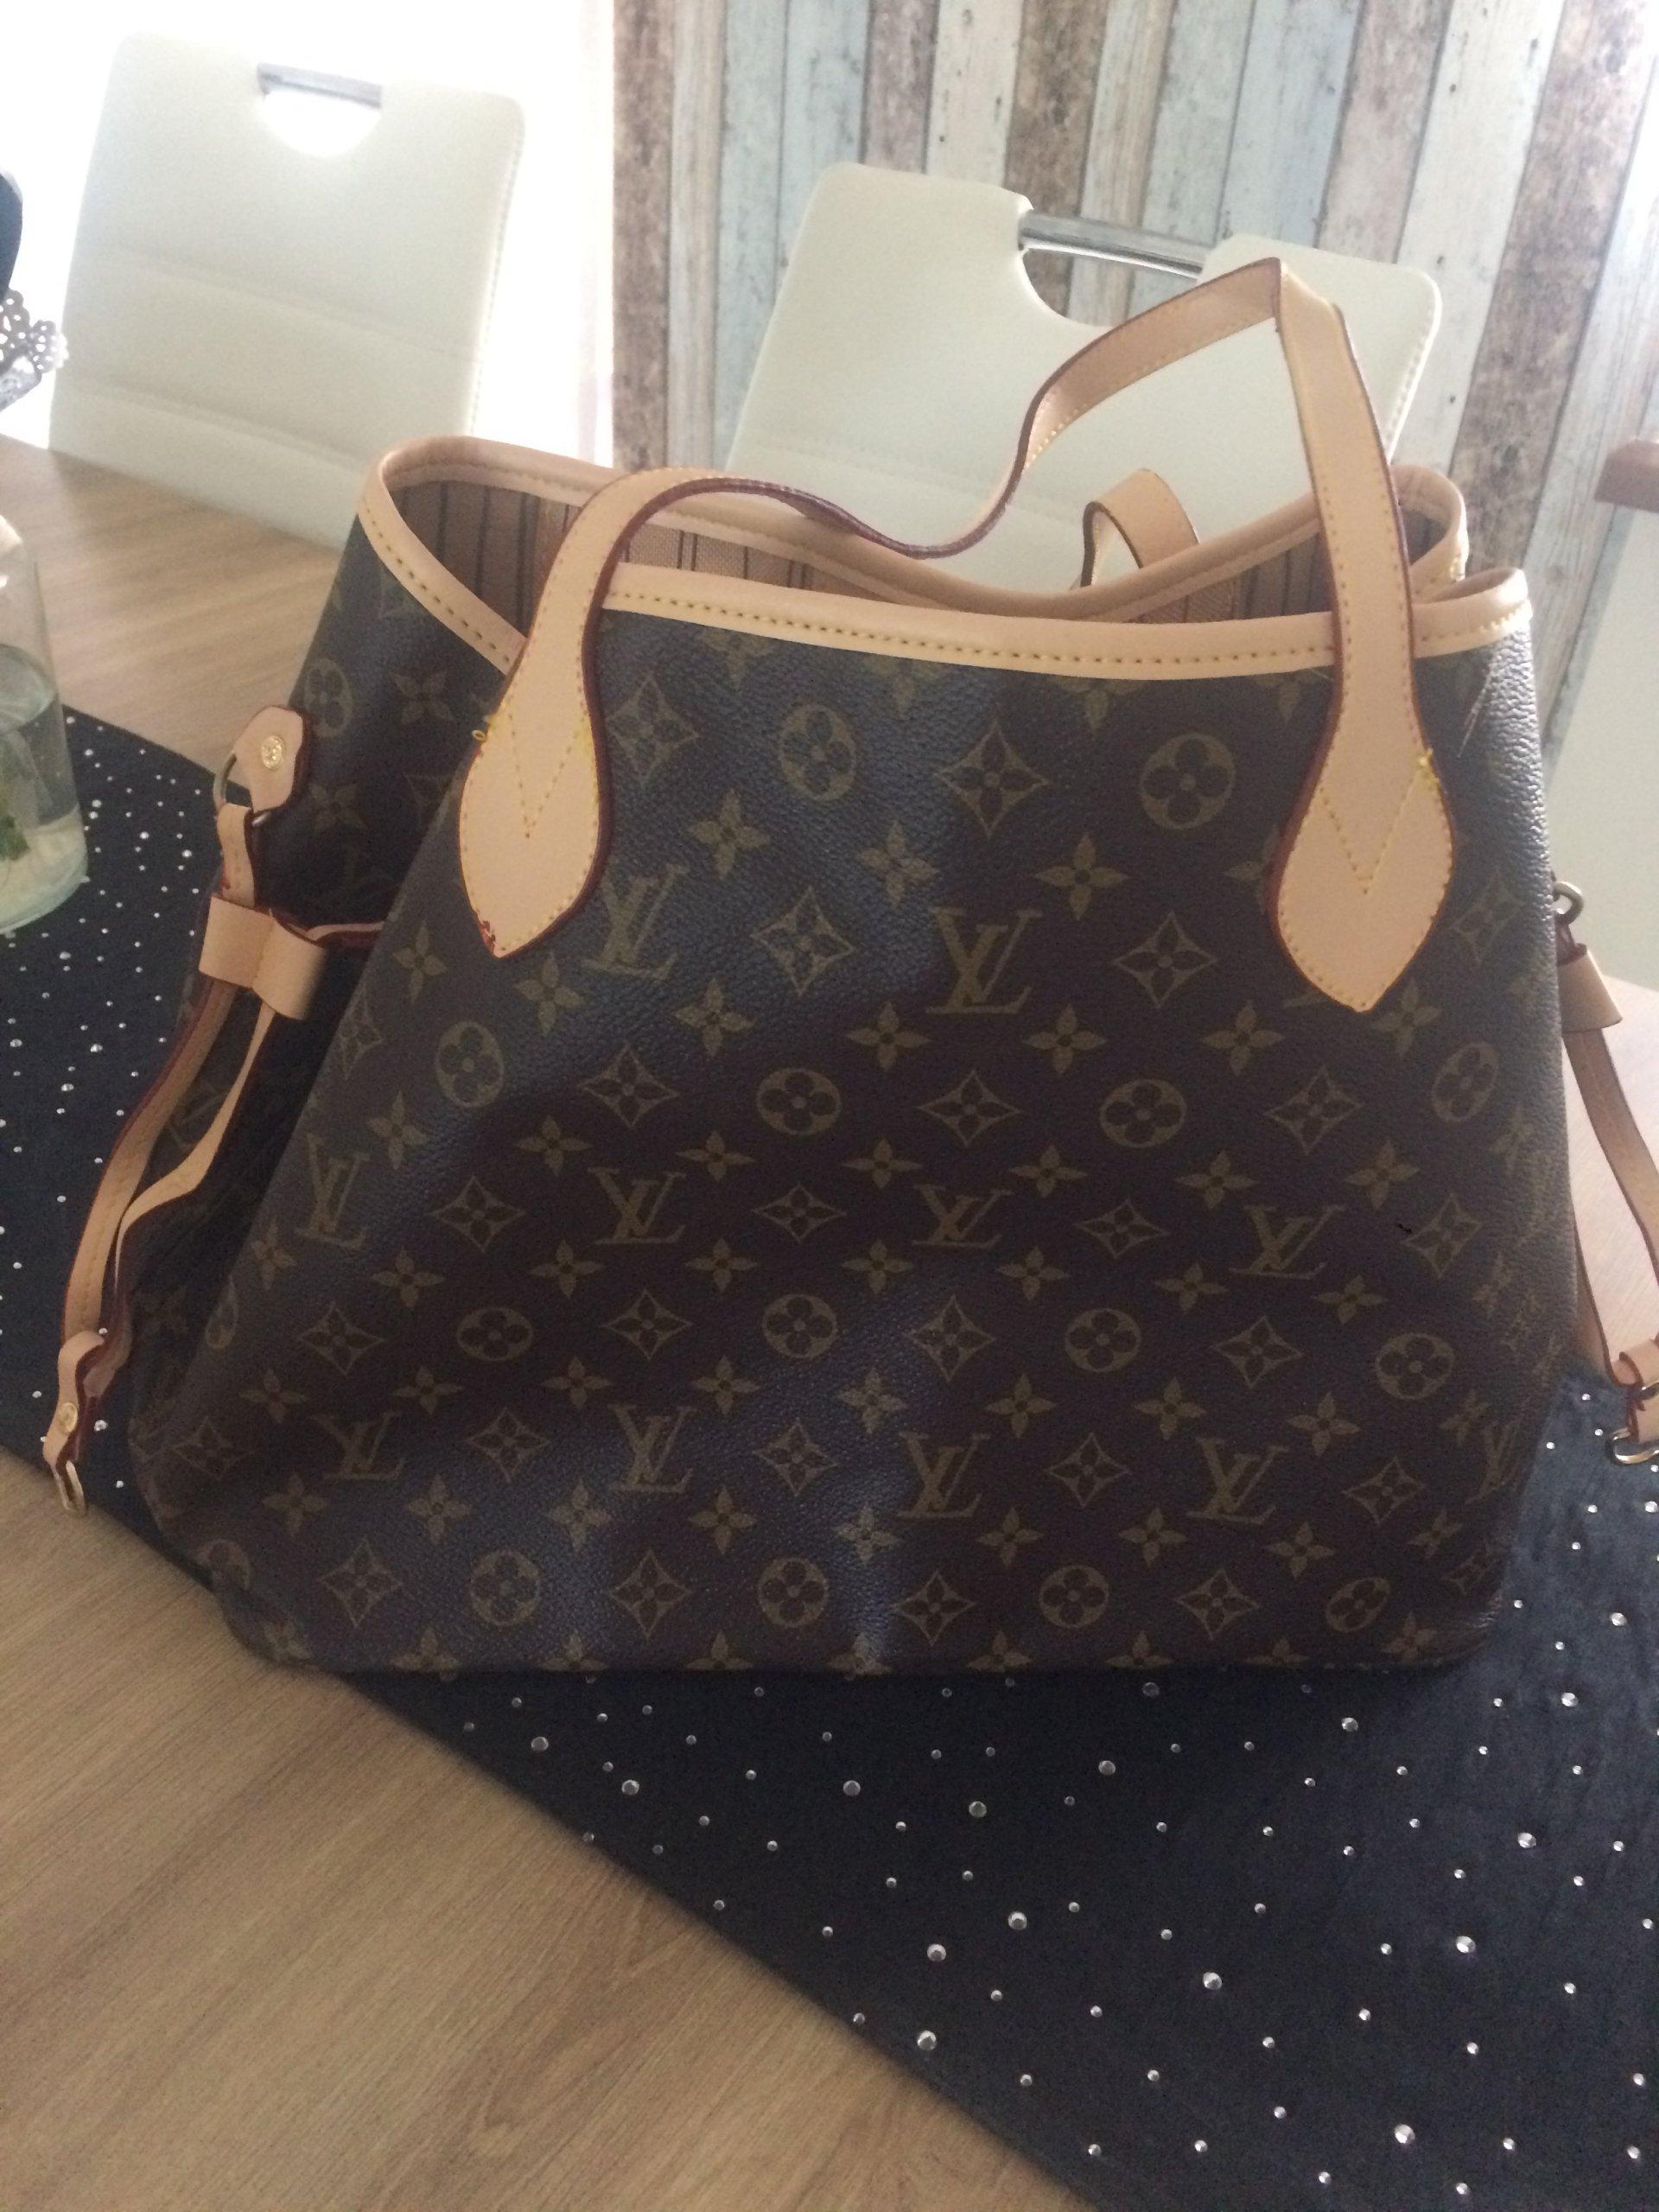 b31ed24895c6f Torebka Neverfull MM Louis Vuitton nowa - 7363315492 - oficjalne ...